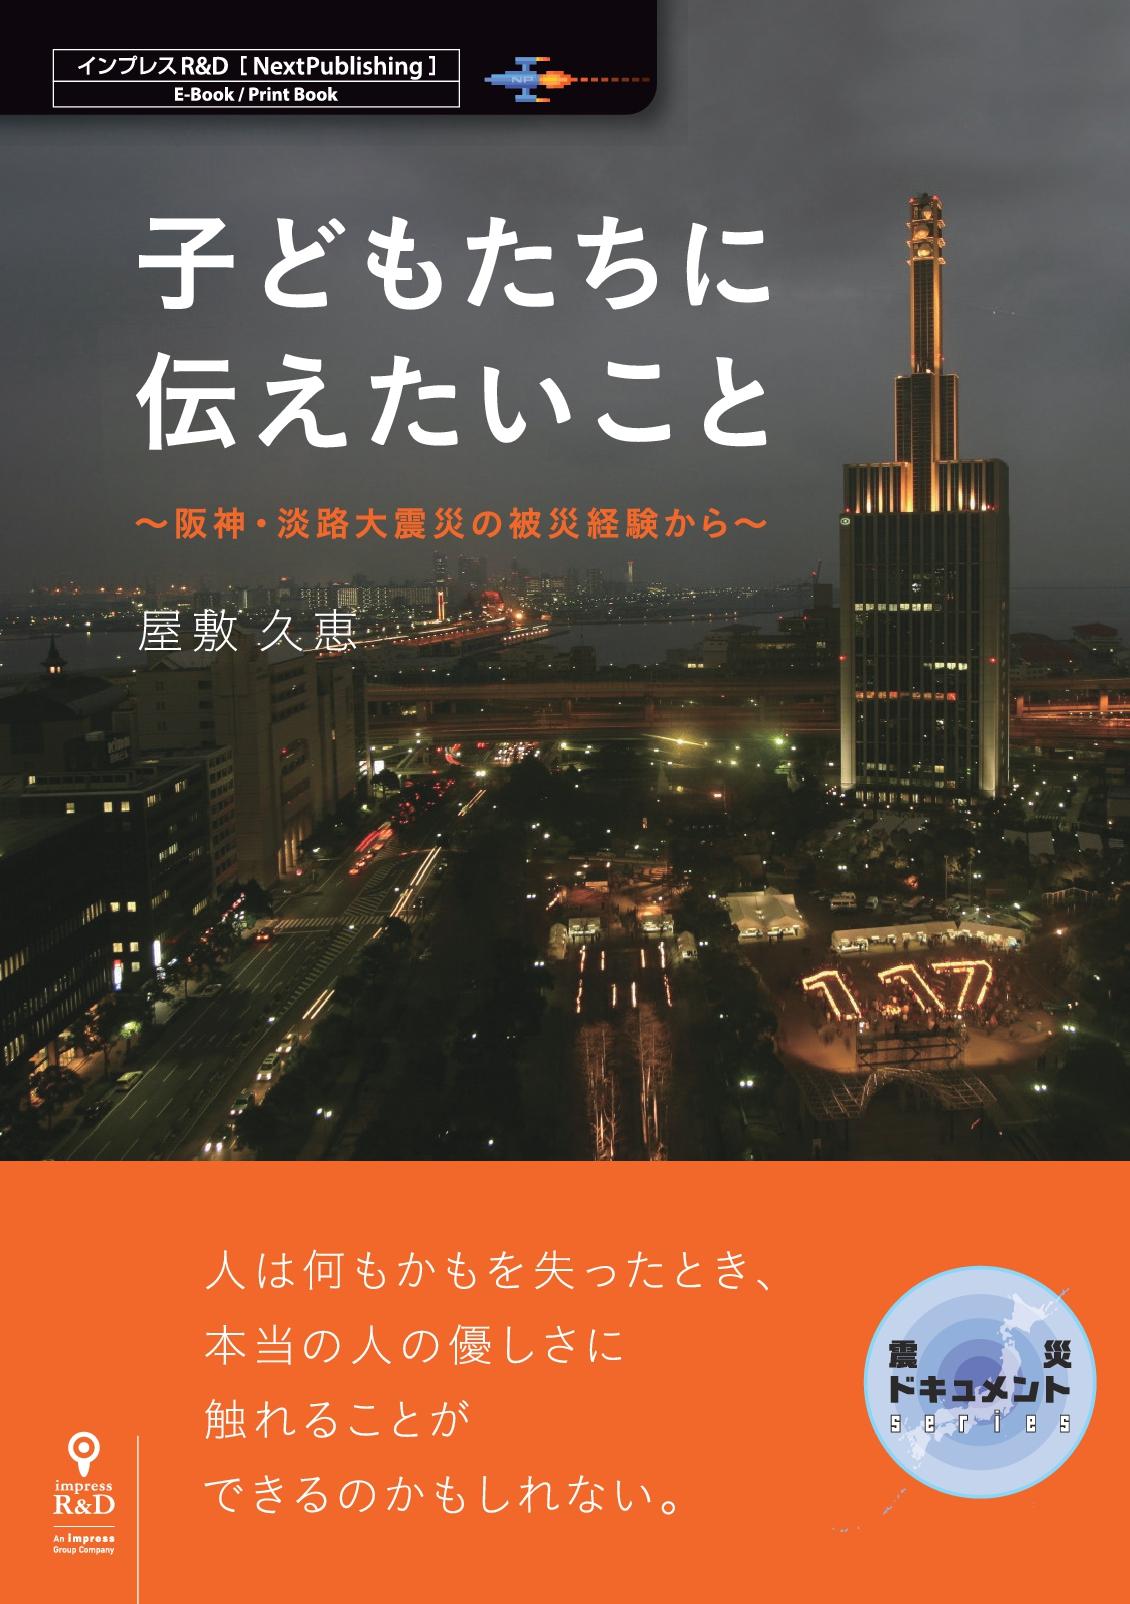 子どもたちに伝えたいこと〜阪神・淡路大震災の被災経験から〜